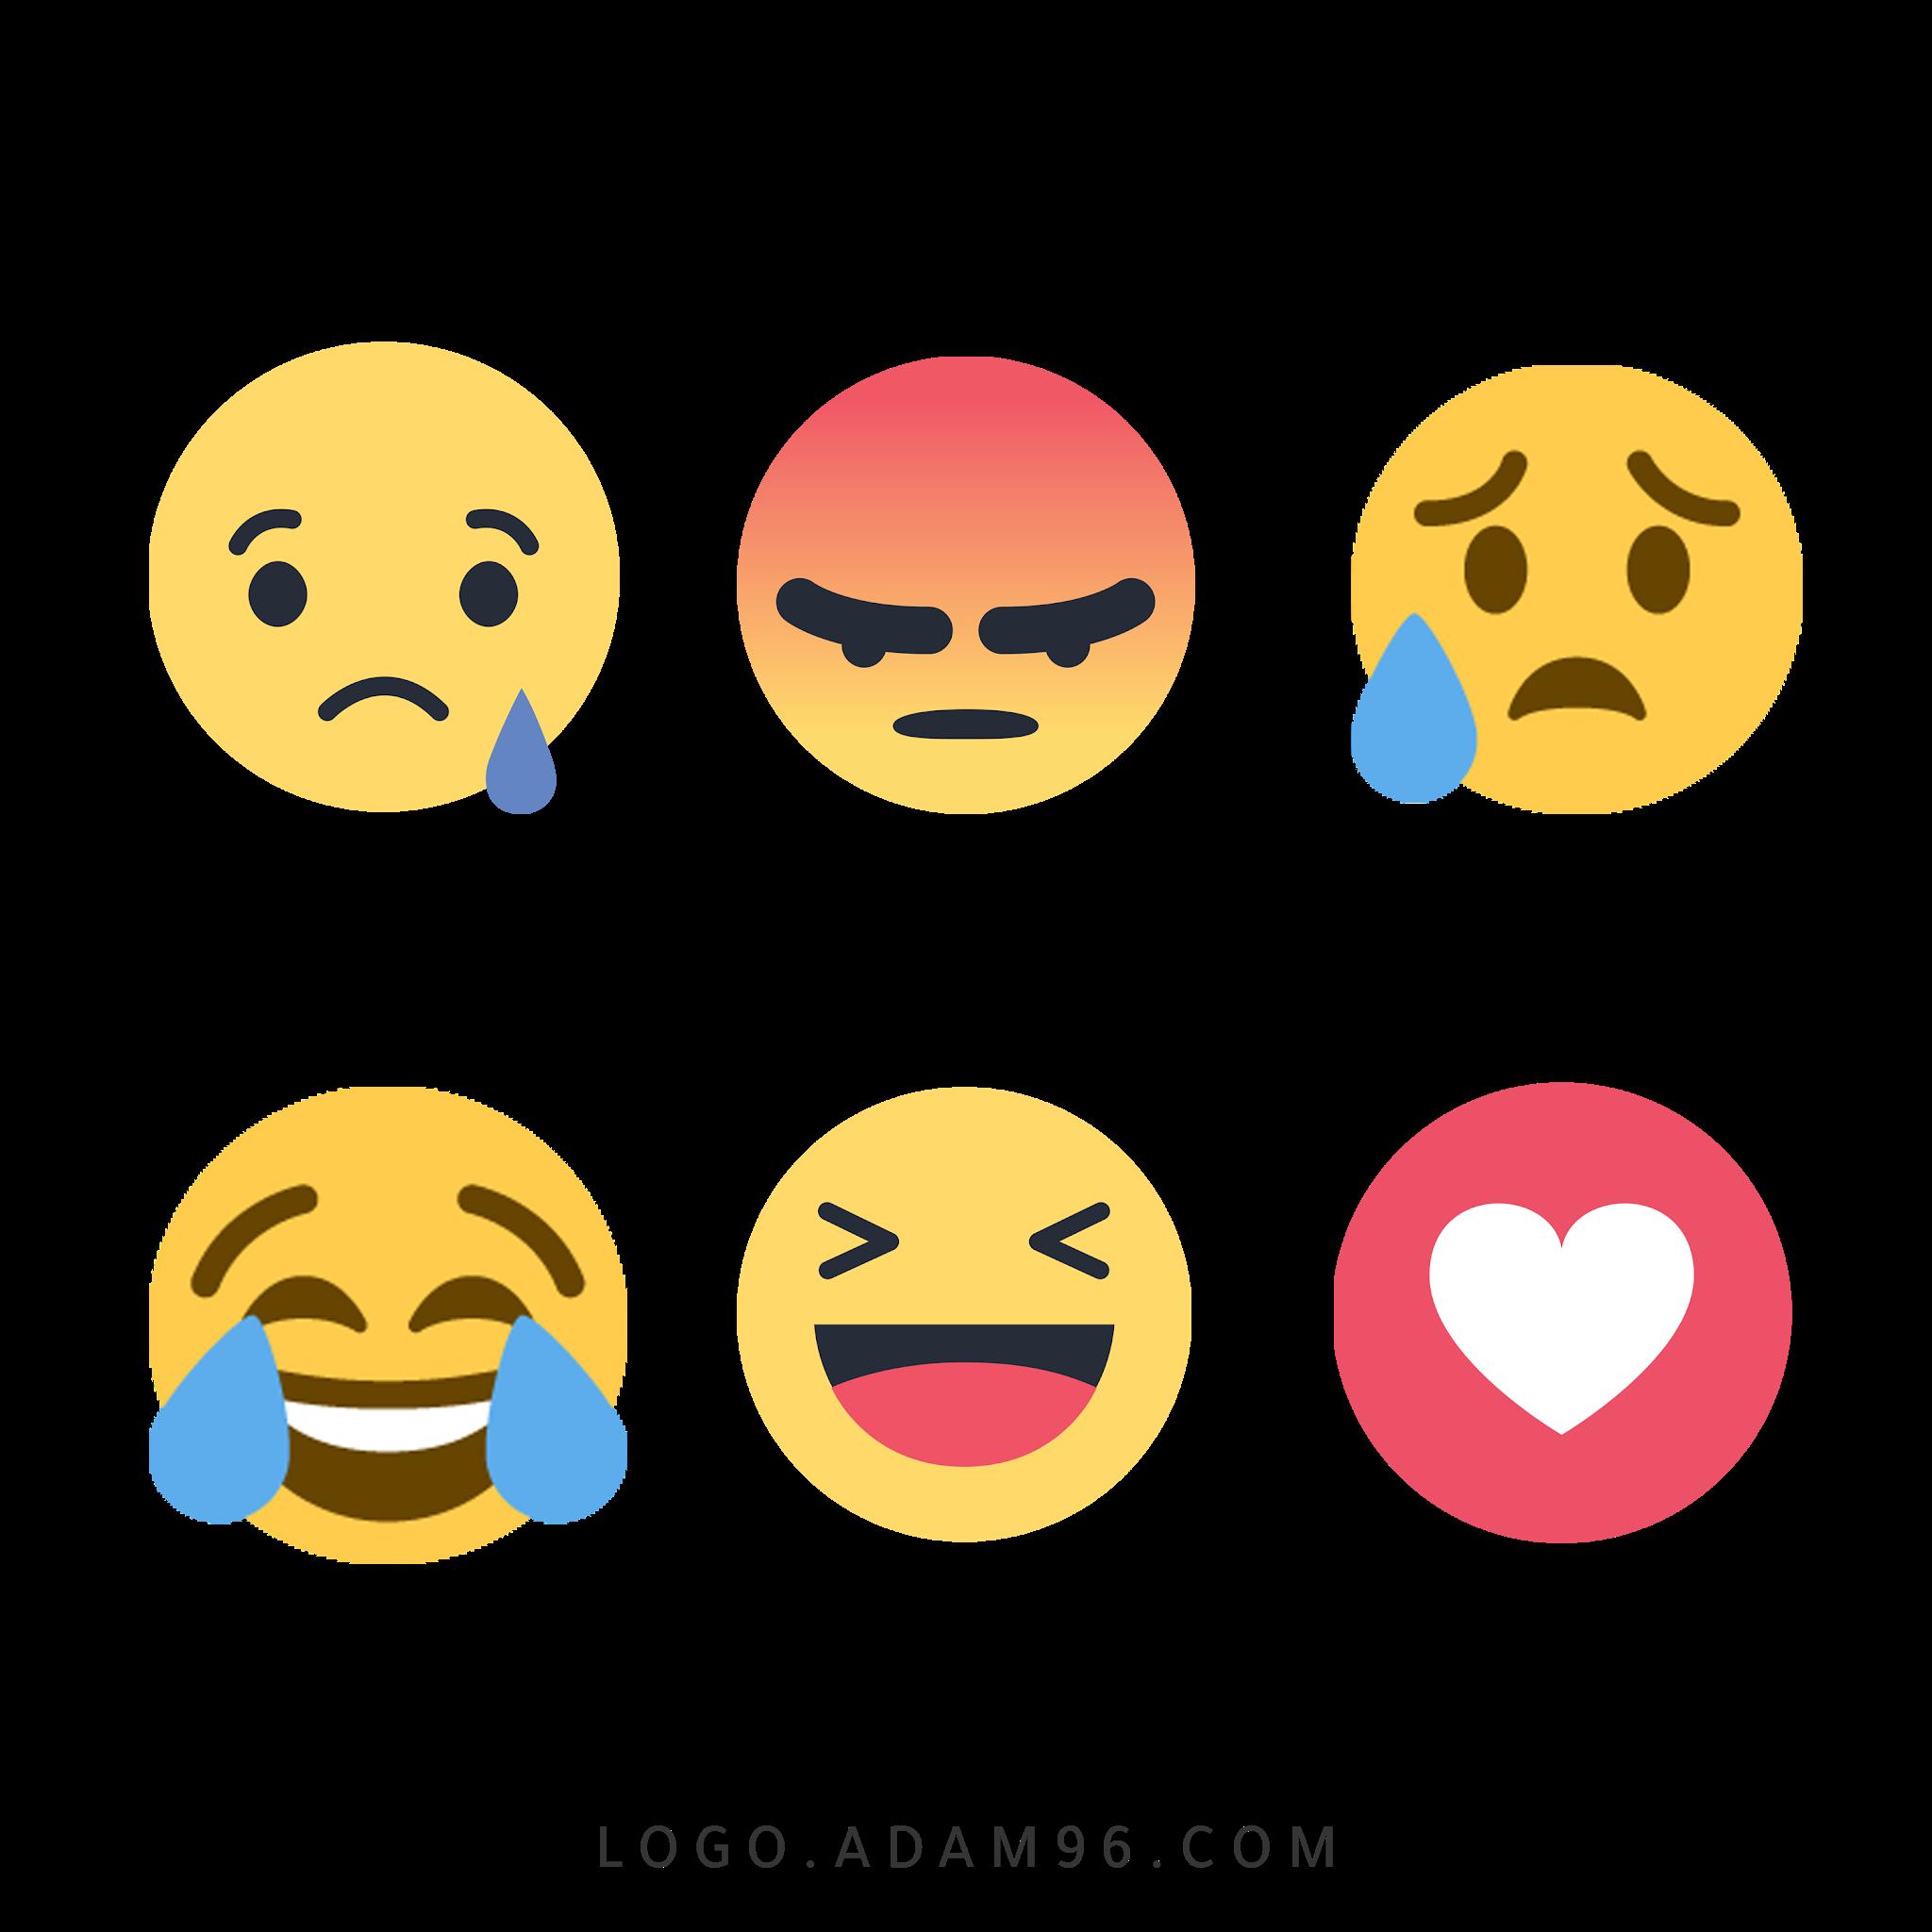 تحميل ايقونات ايموجي فيس بوك عالية الدقة بصيغة شفافة PNG